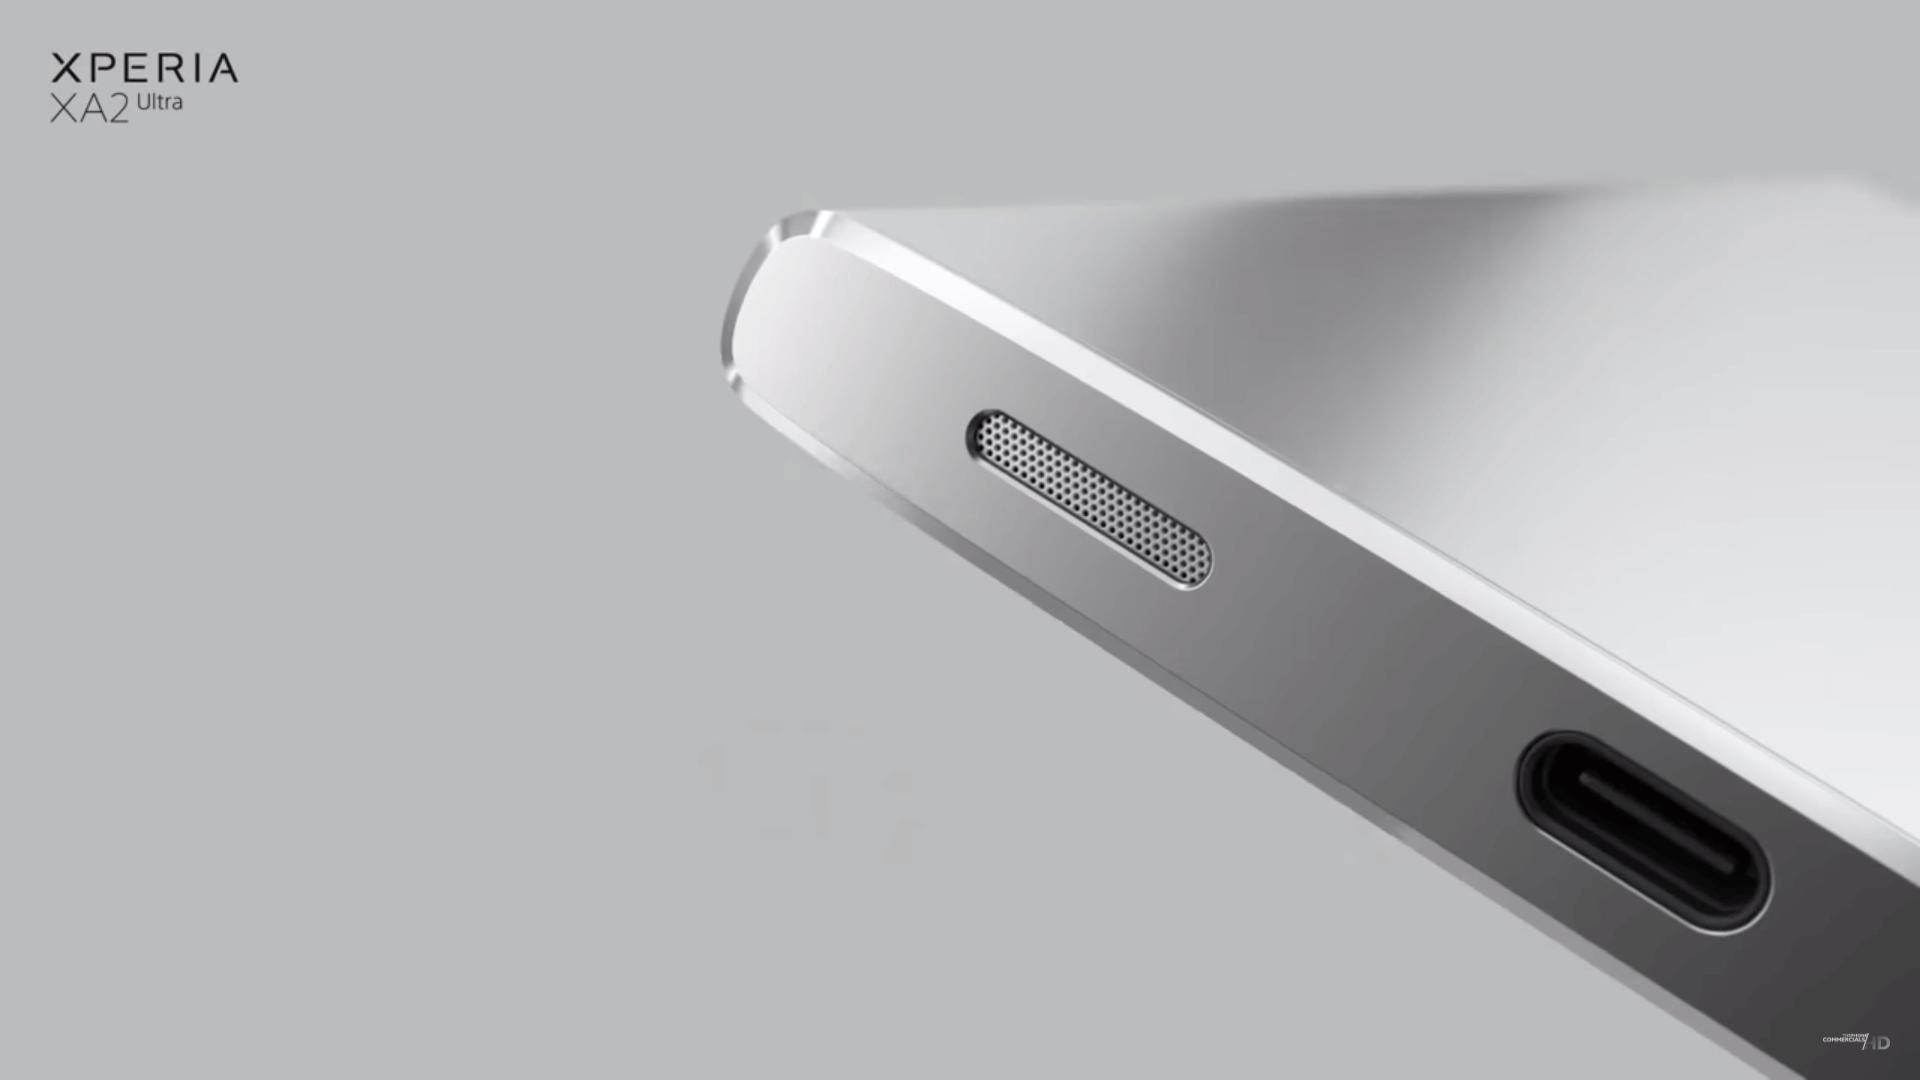 Saída de Áudio - Xperia XA2 Ultra